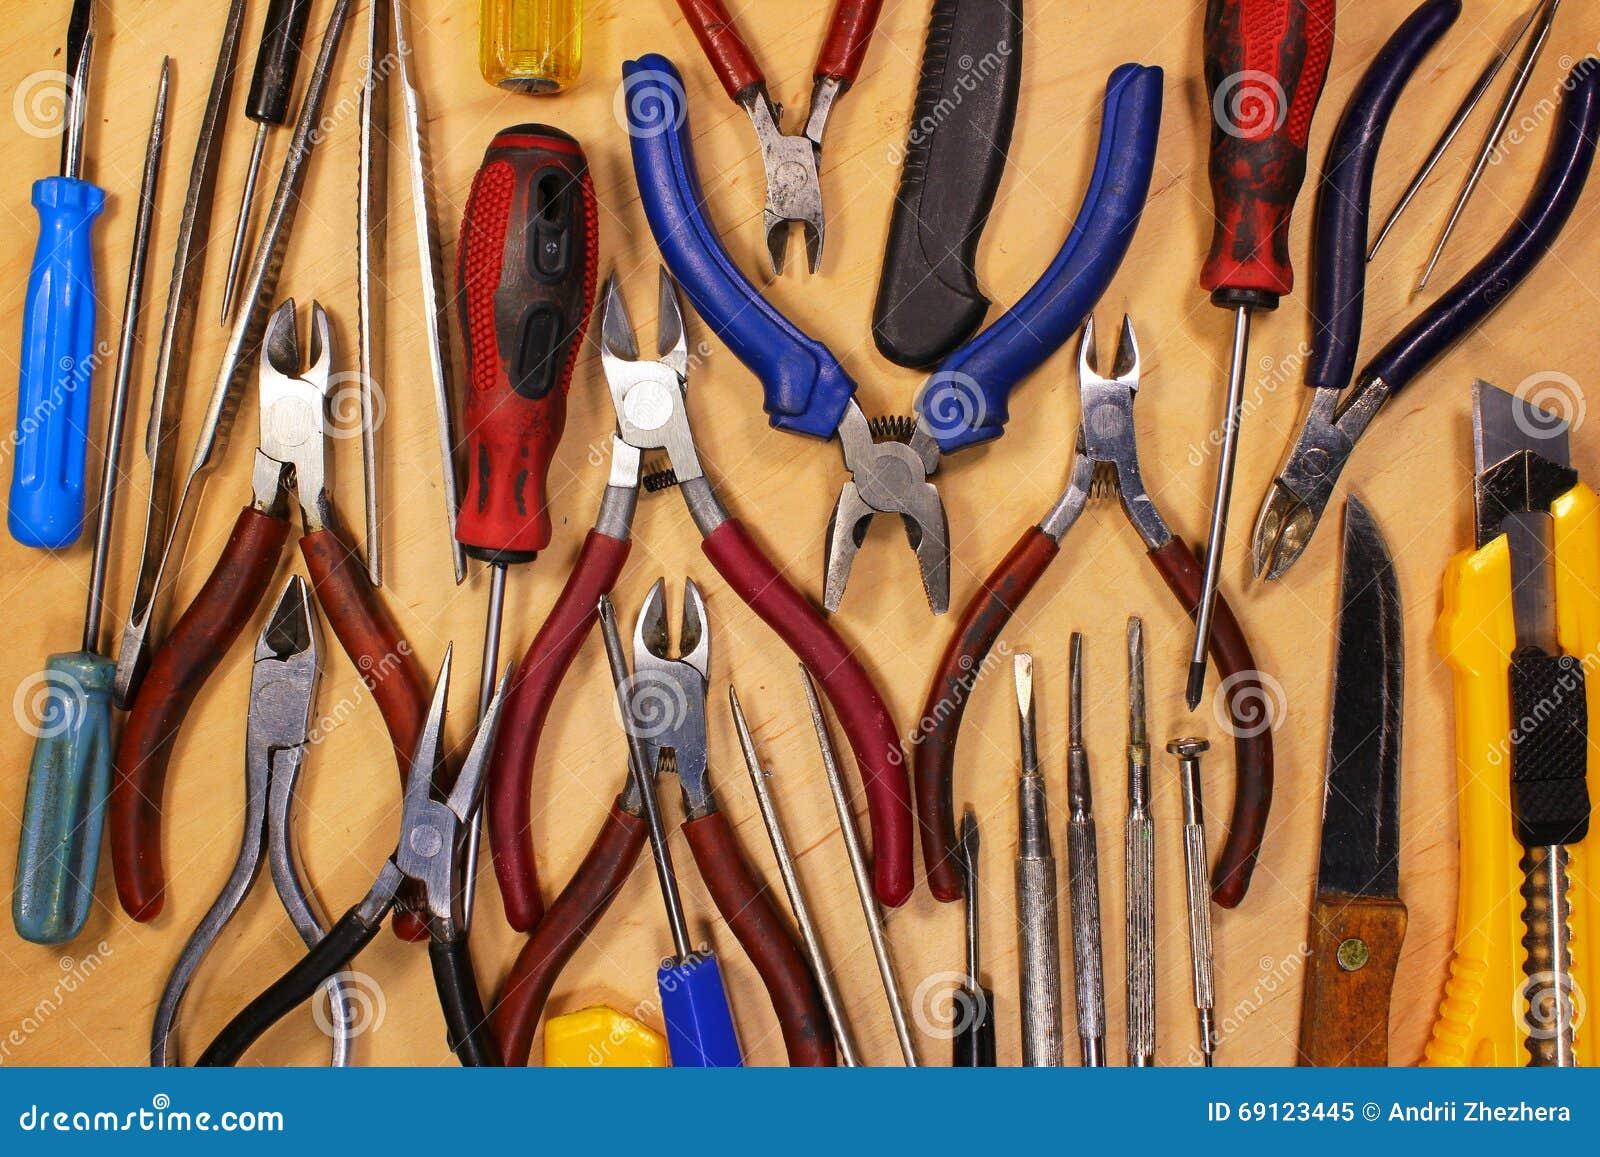 Wiele różnorodni roczników śrubokrętów cążków noże i pincety Ol